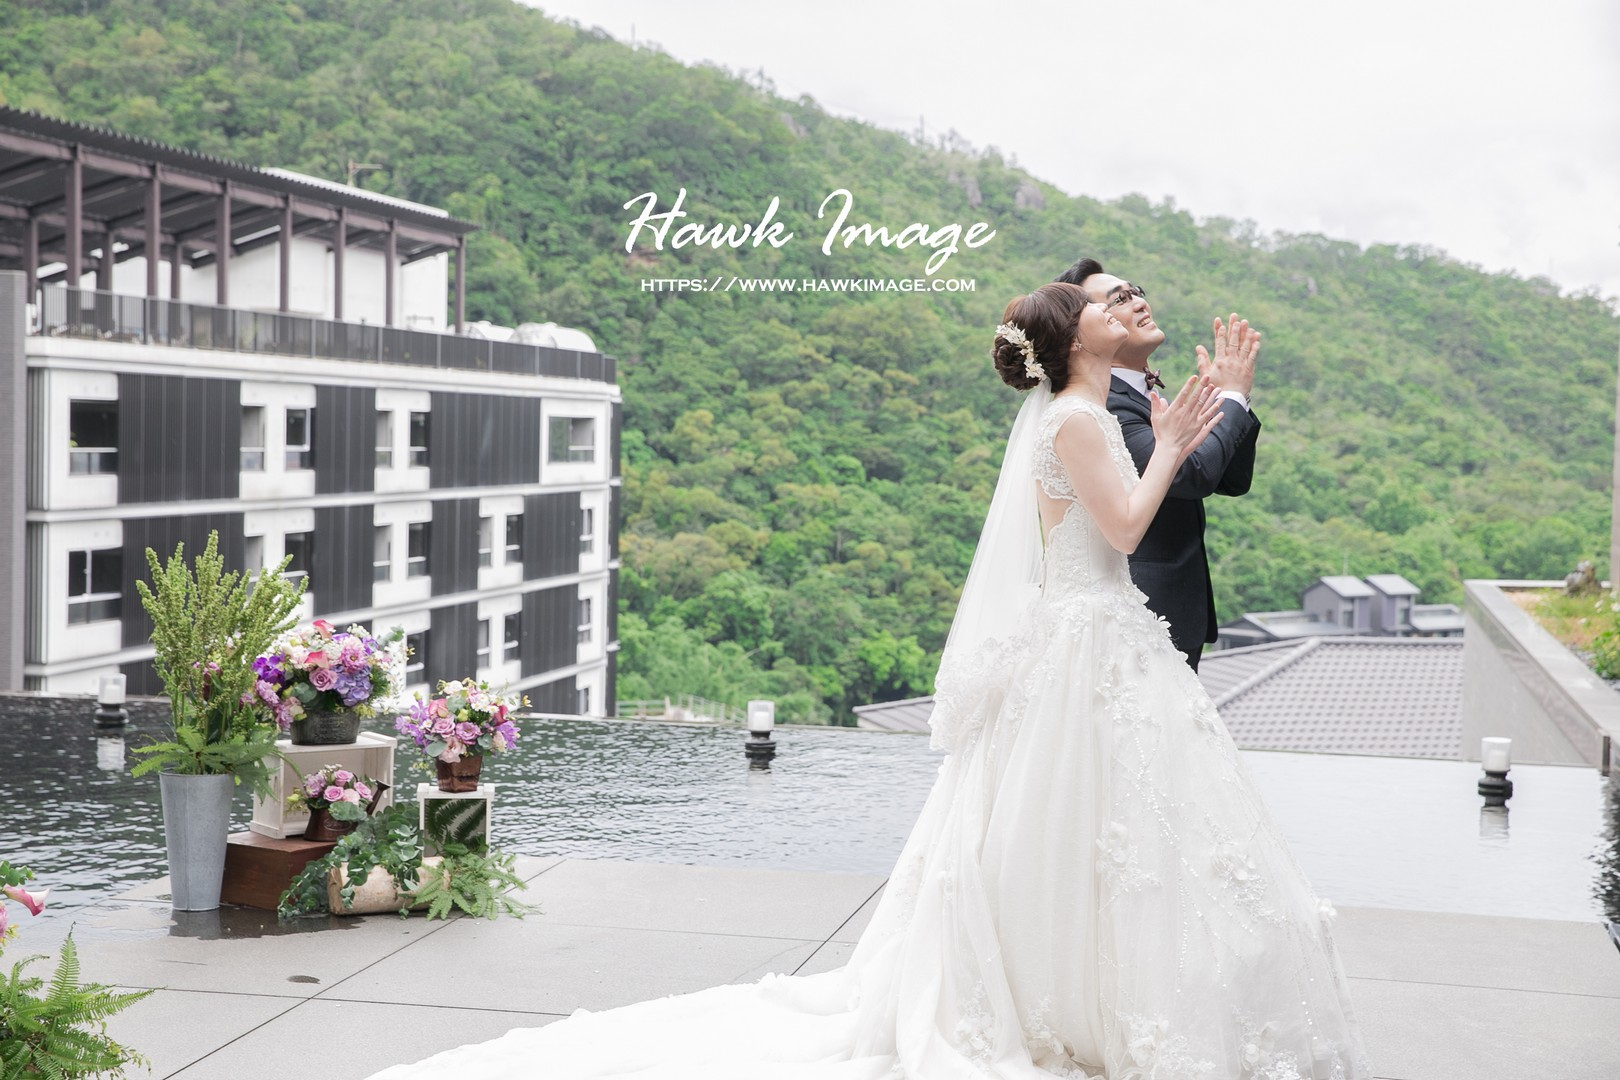 婚禮攝影檔期詢問預約單,婚禮攝影價格,婚禮錄影,婚禮錄影價格,婚攝